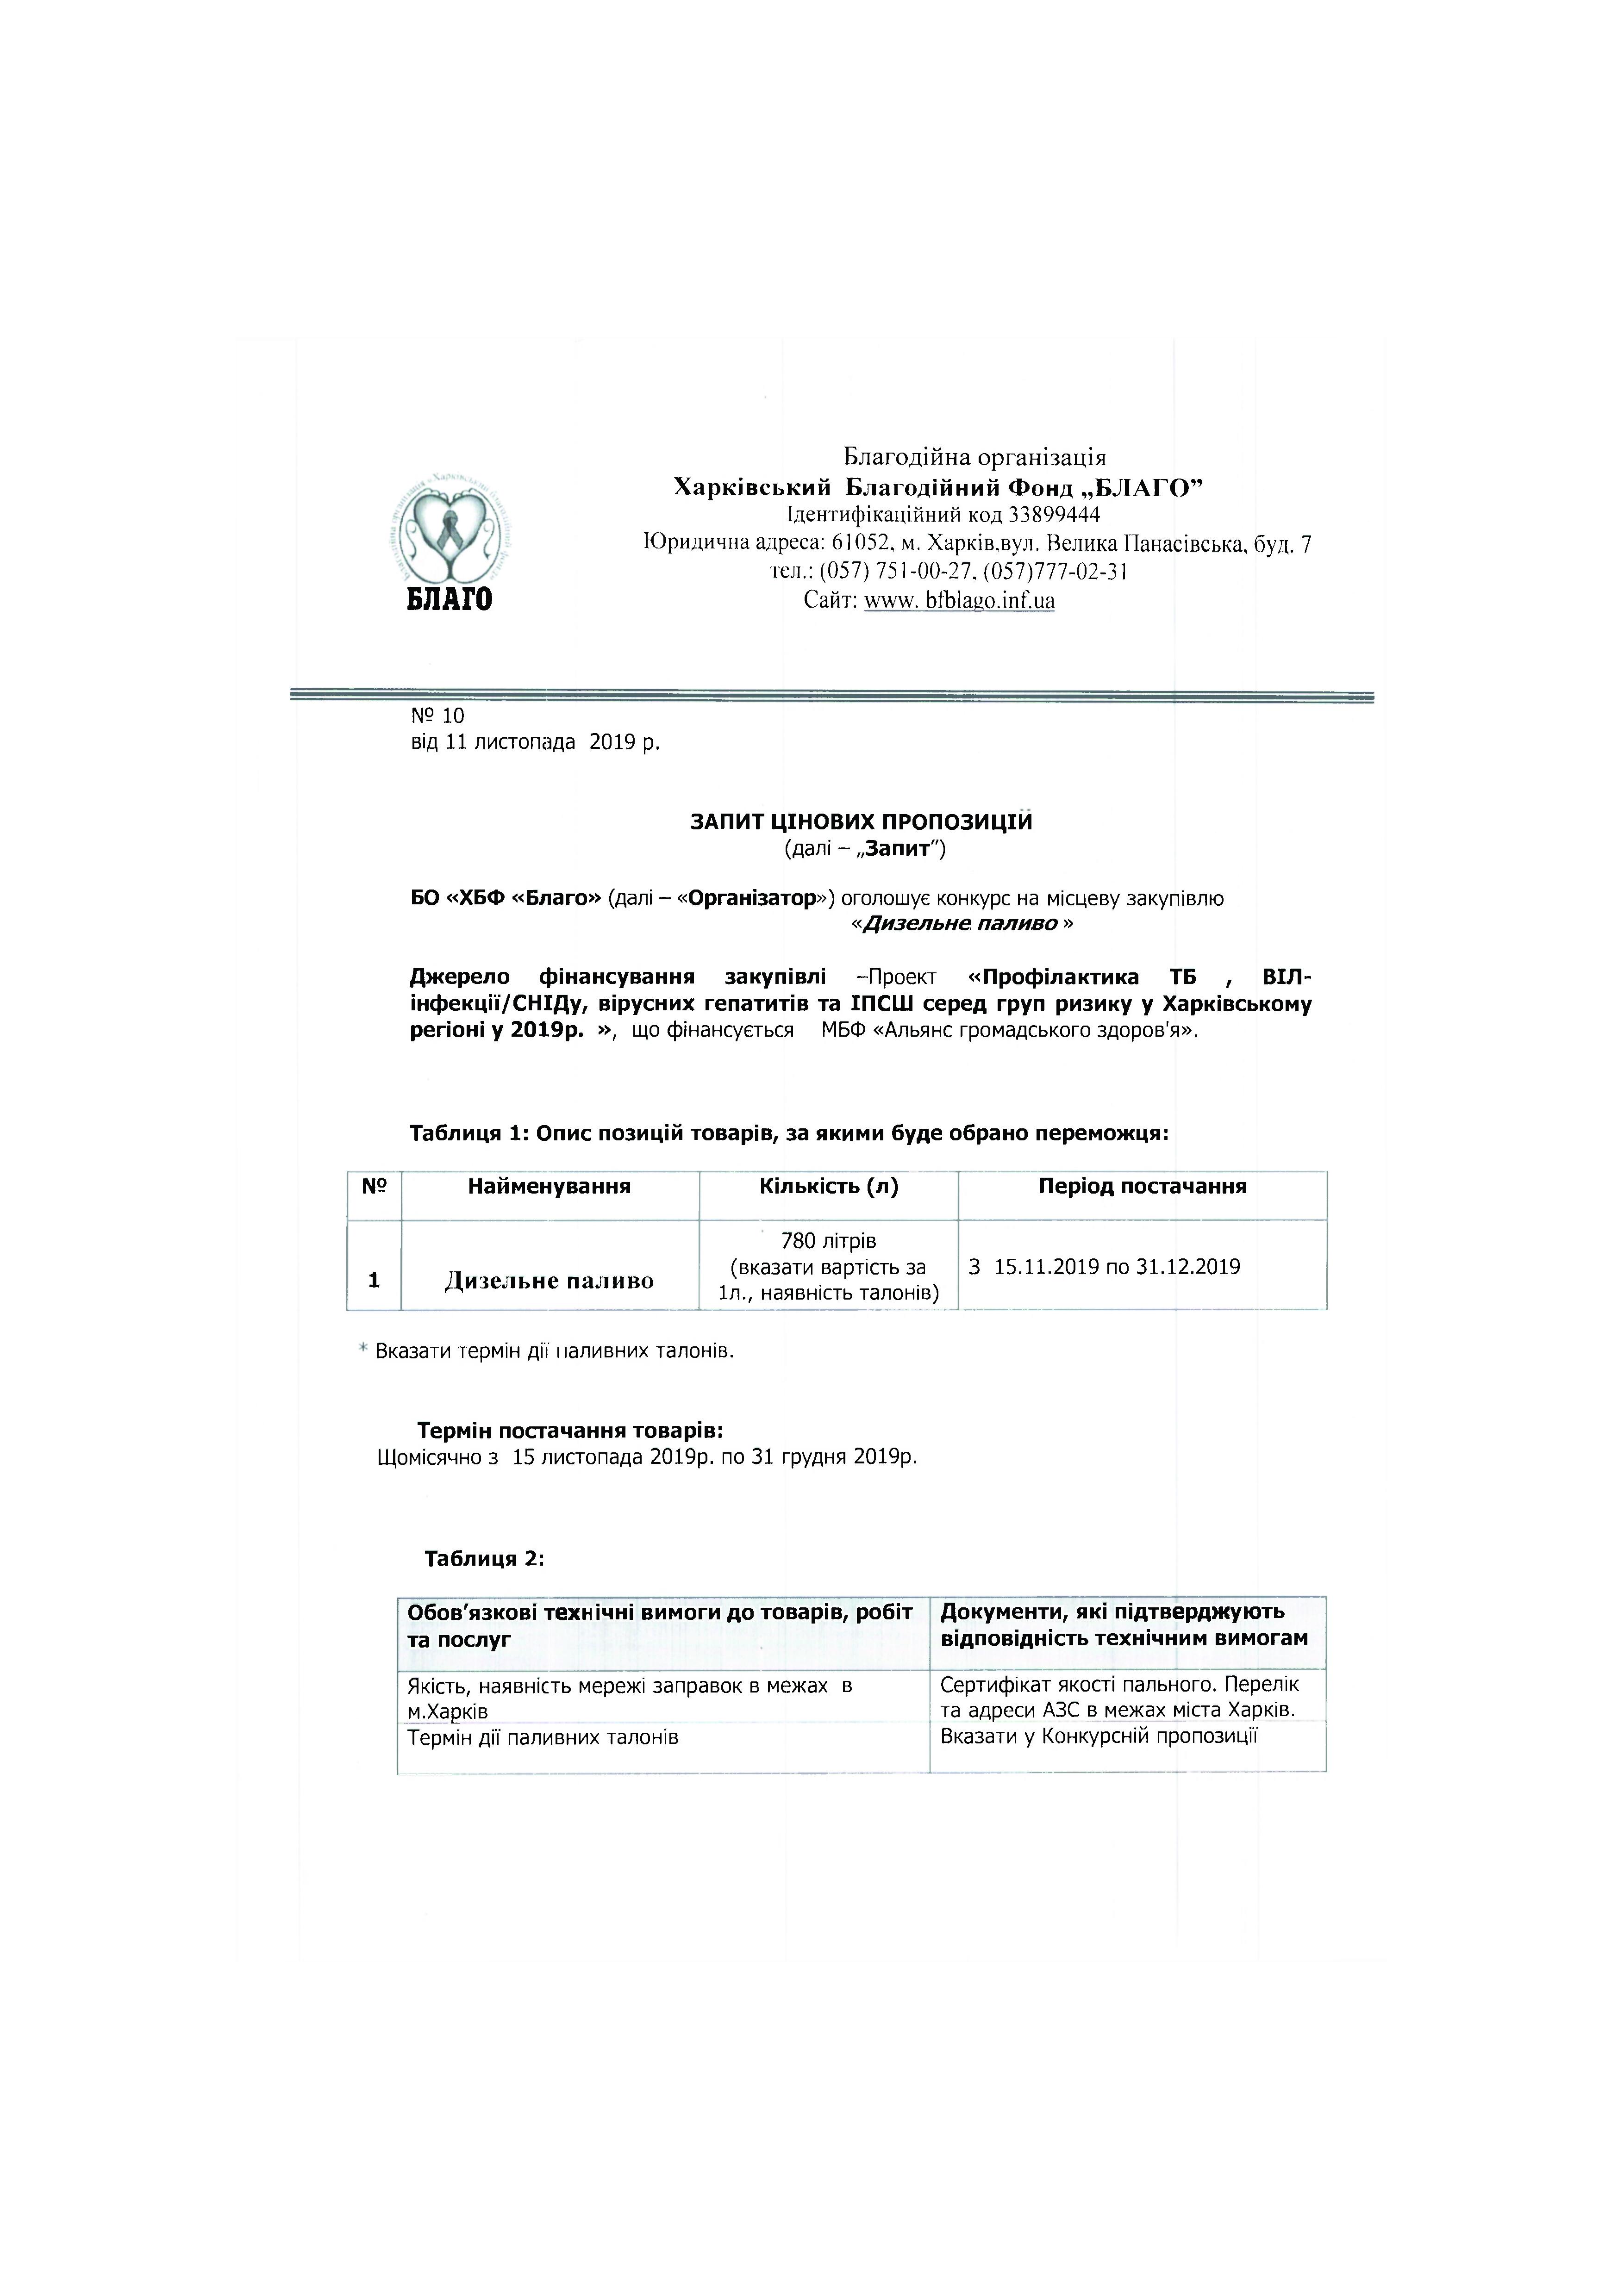 Скан оголошення (дизель) (1)-1